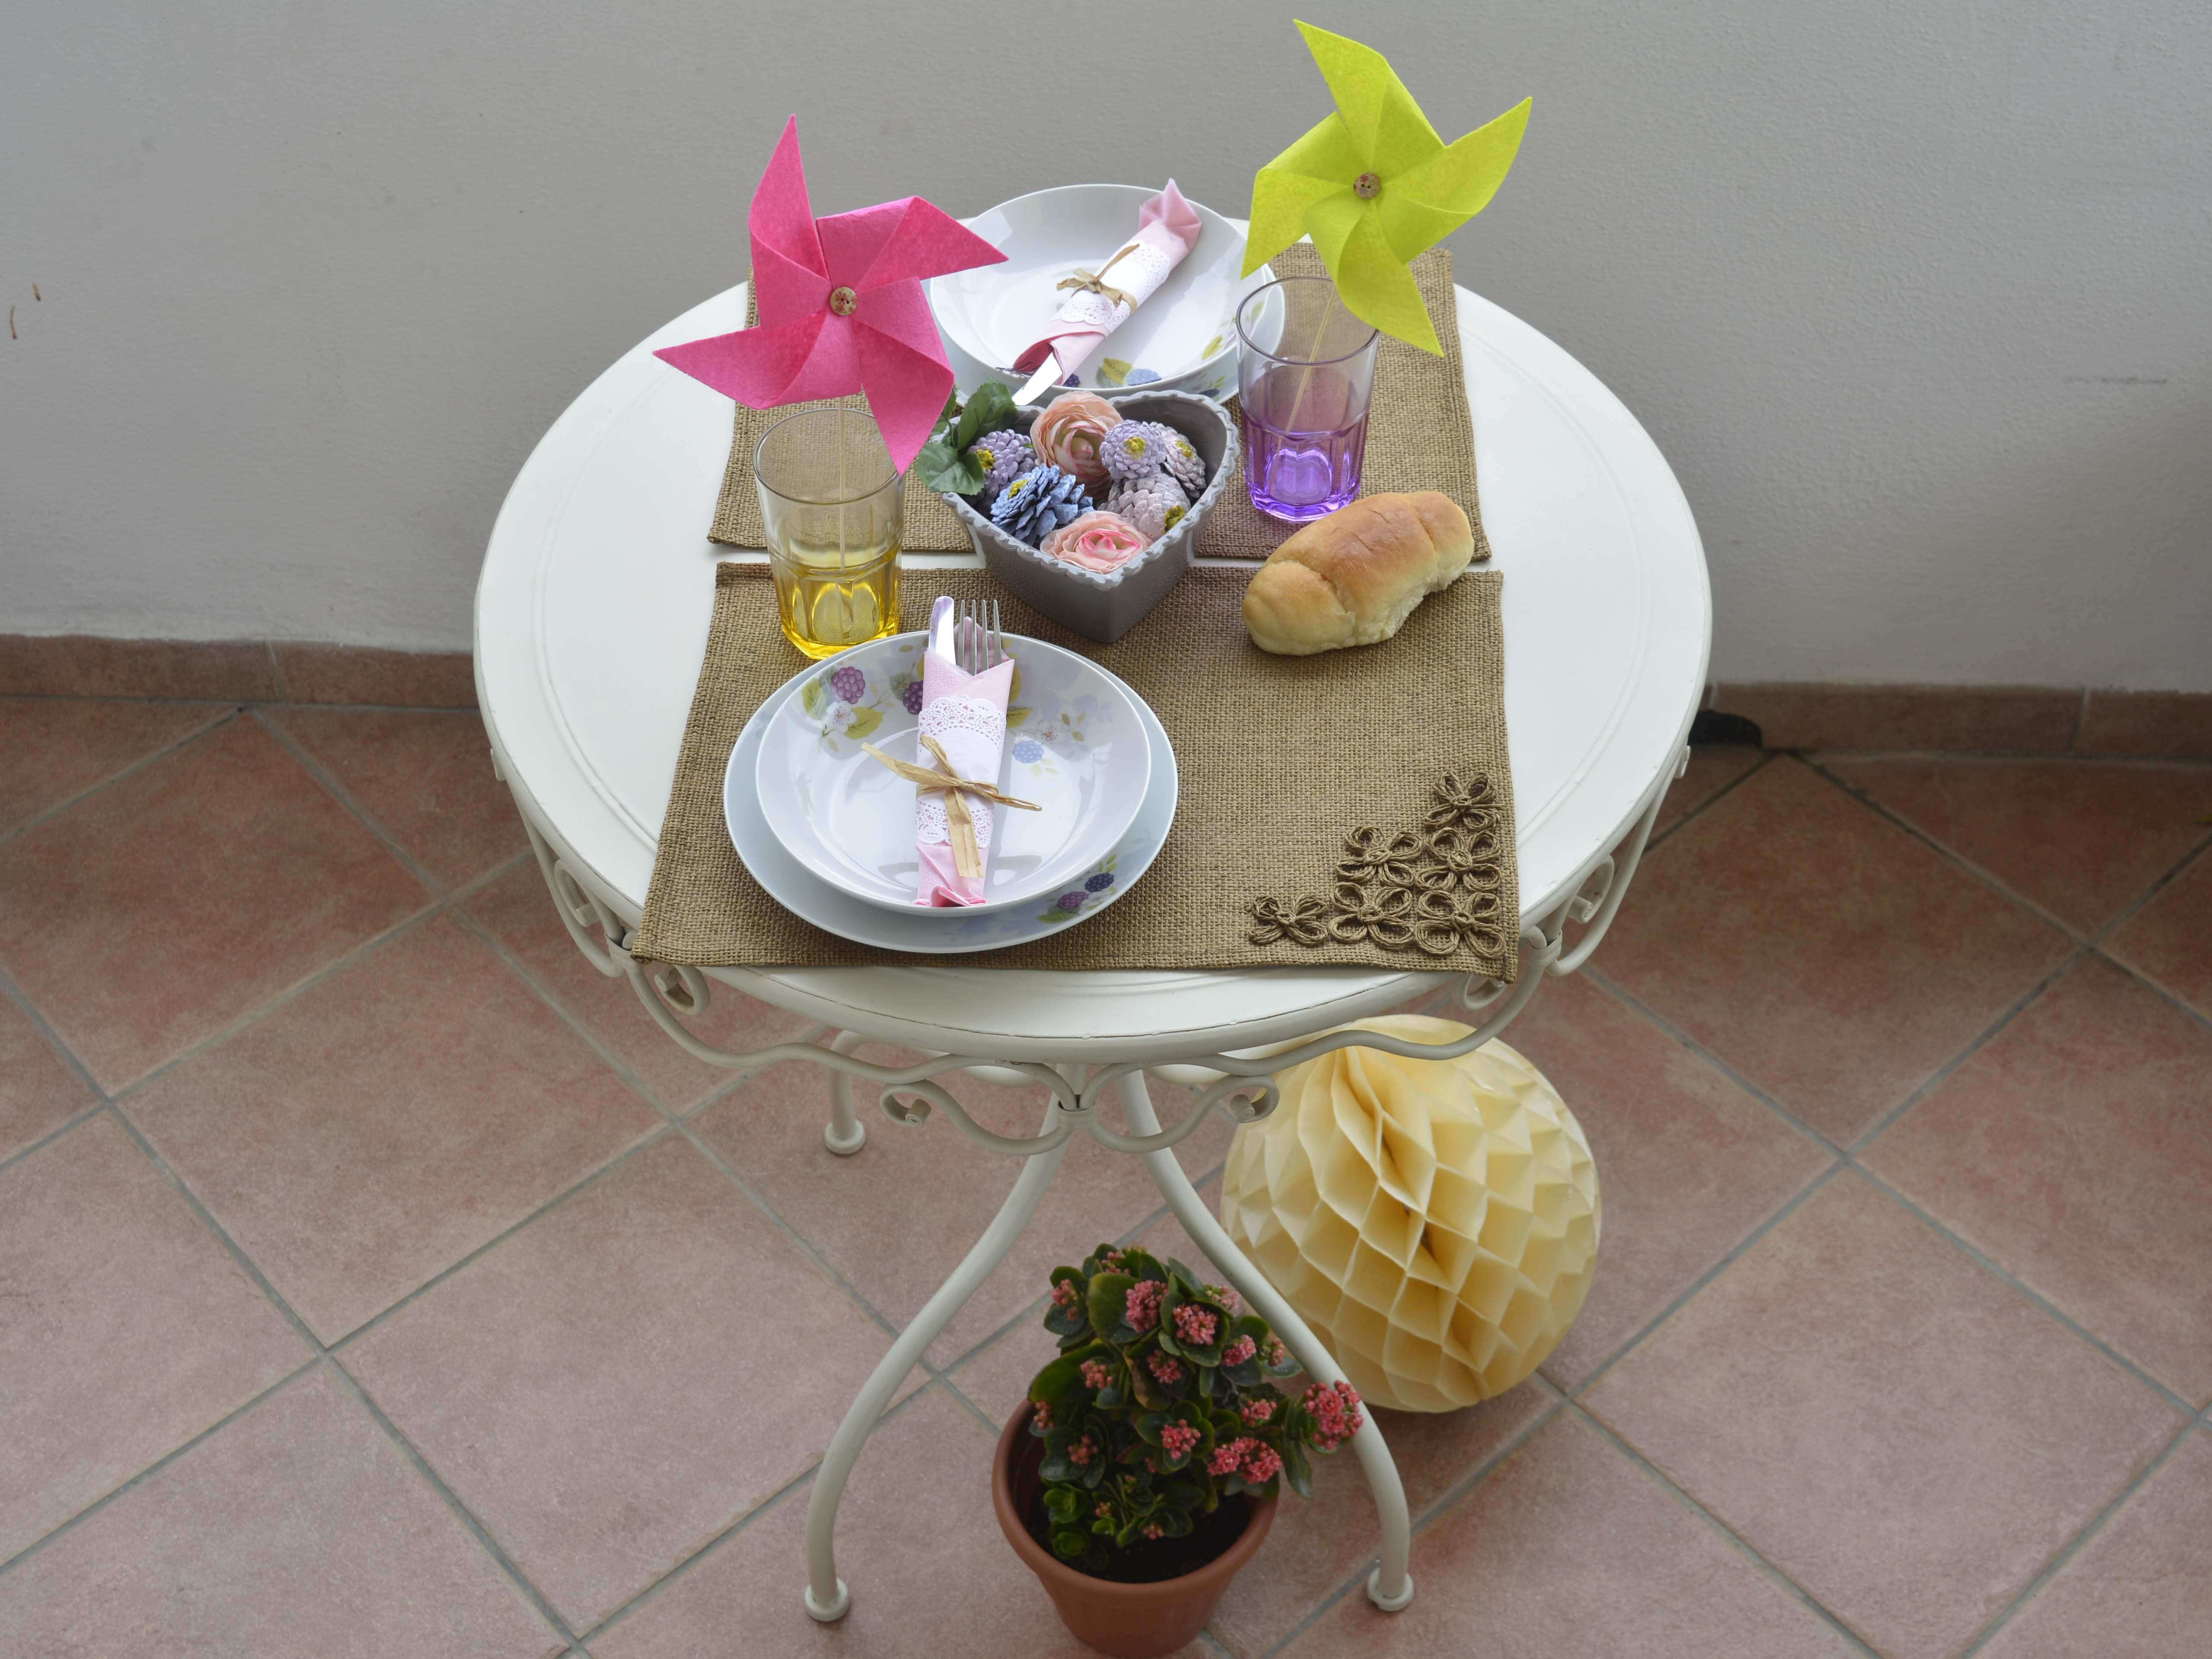 Primavera 3 idee per apparecchiare la tavola wegirls - Tavola di primavera idee ...